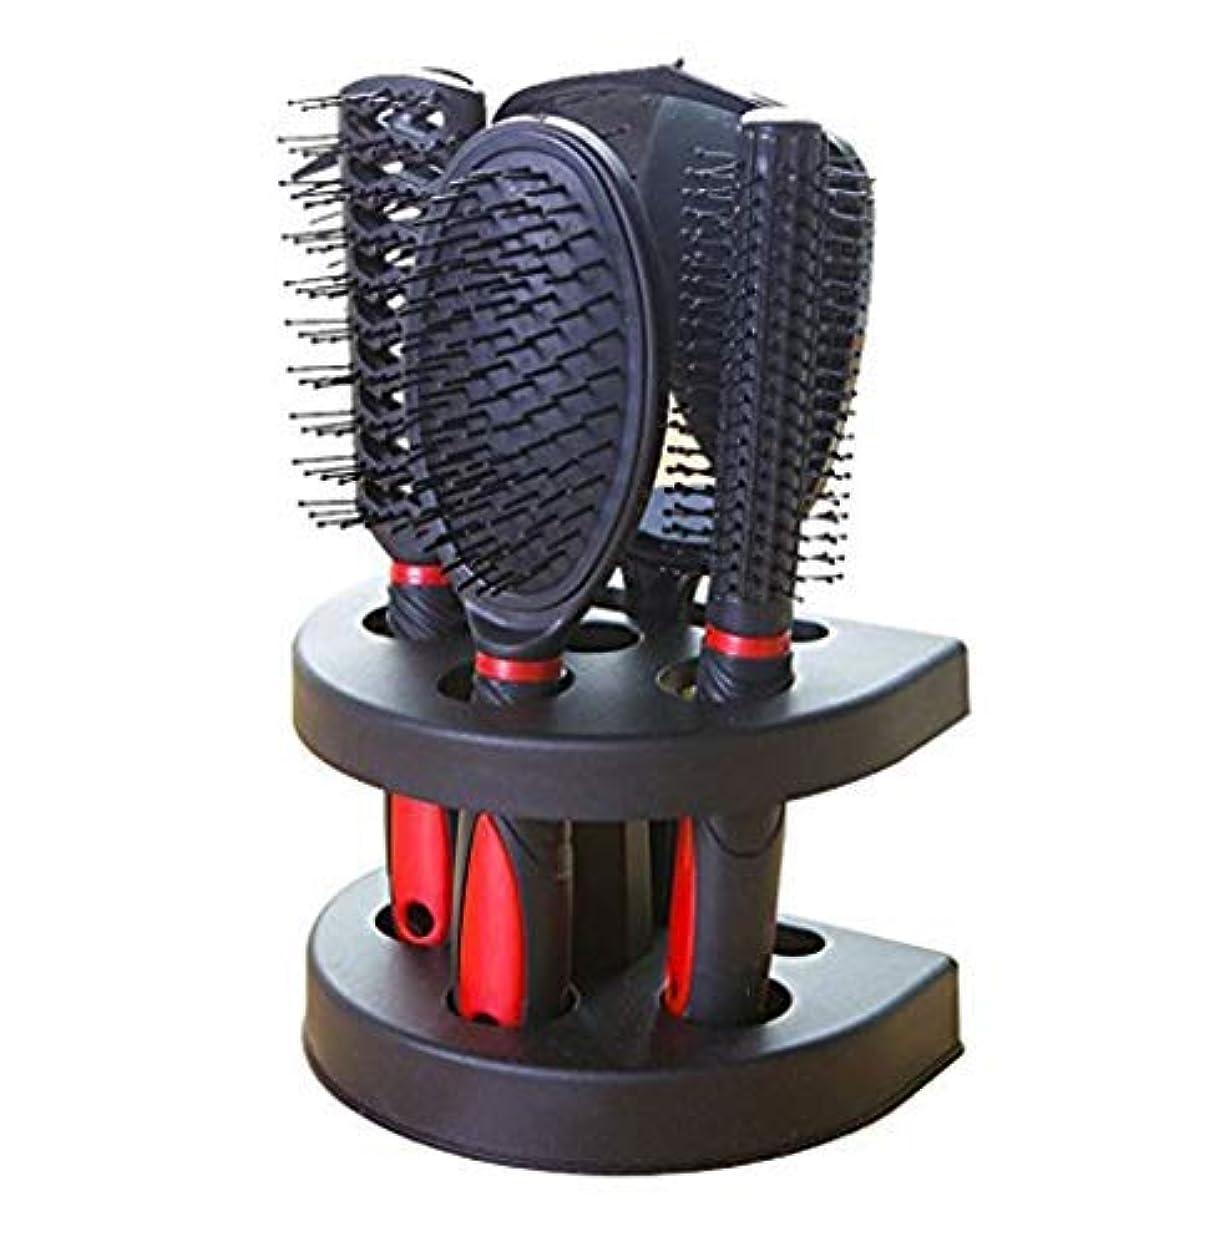 ヘロイン鋭く三十Healthcom Hairs Combs Salon Hairdressing Styling Tool Hair Cutting Brushes Sets Dressing Comb Kits,Set of 5 [並行輸入品]